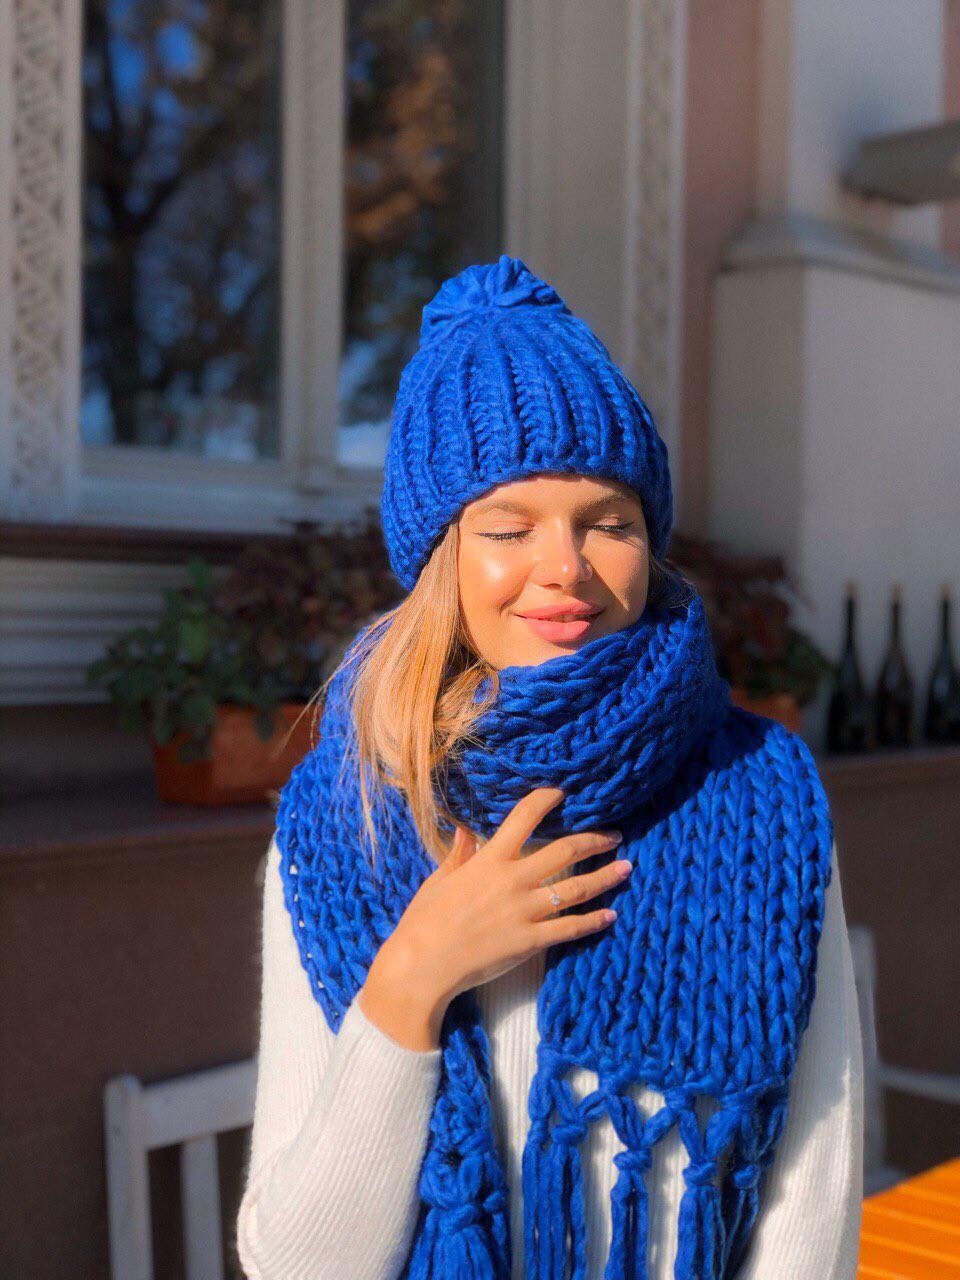 Женский набор шапка и шарф чёрный белый розовый синий красный малиновый